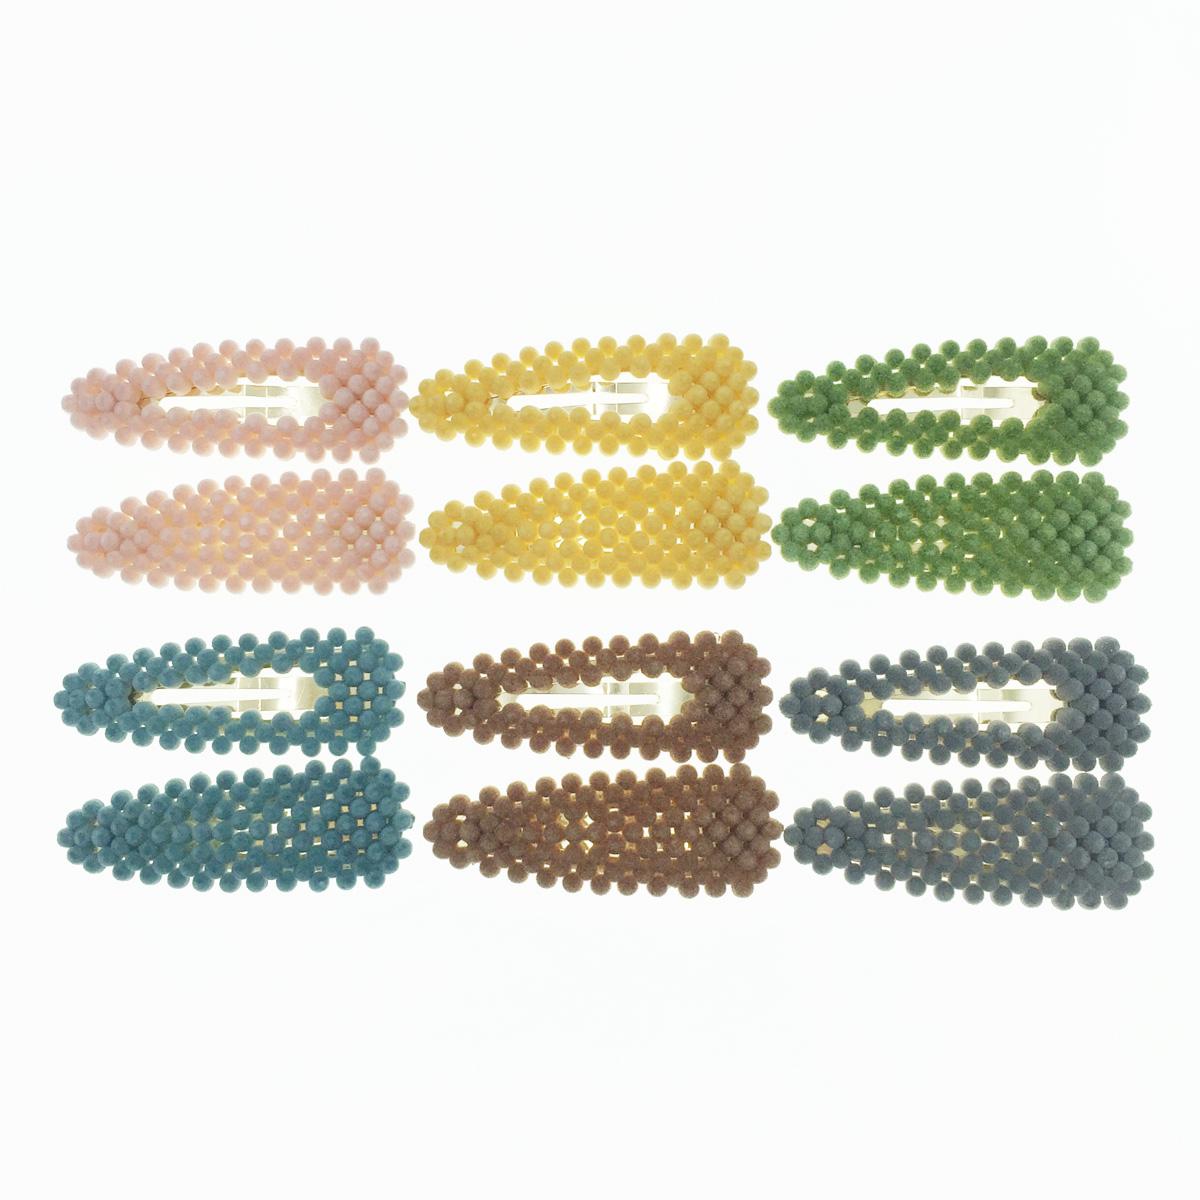 韓國 簍空 小圓絨球 毛毛球 兩入組 多色 基本百搭款 髮飾 彈力夾 髮夾